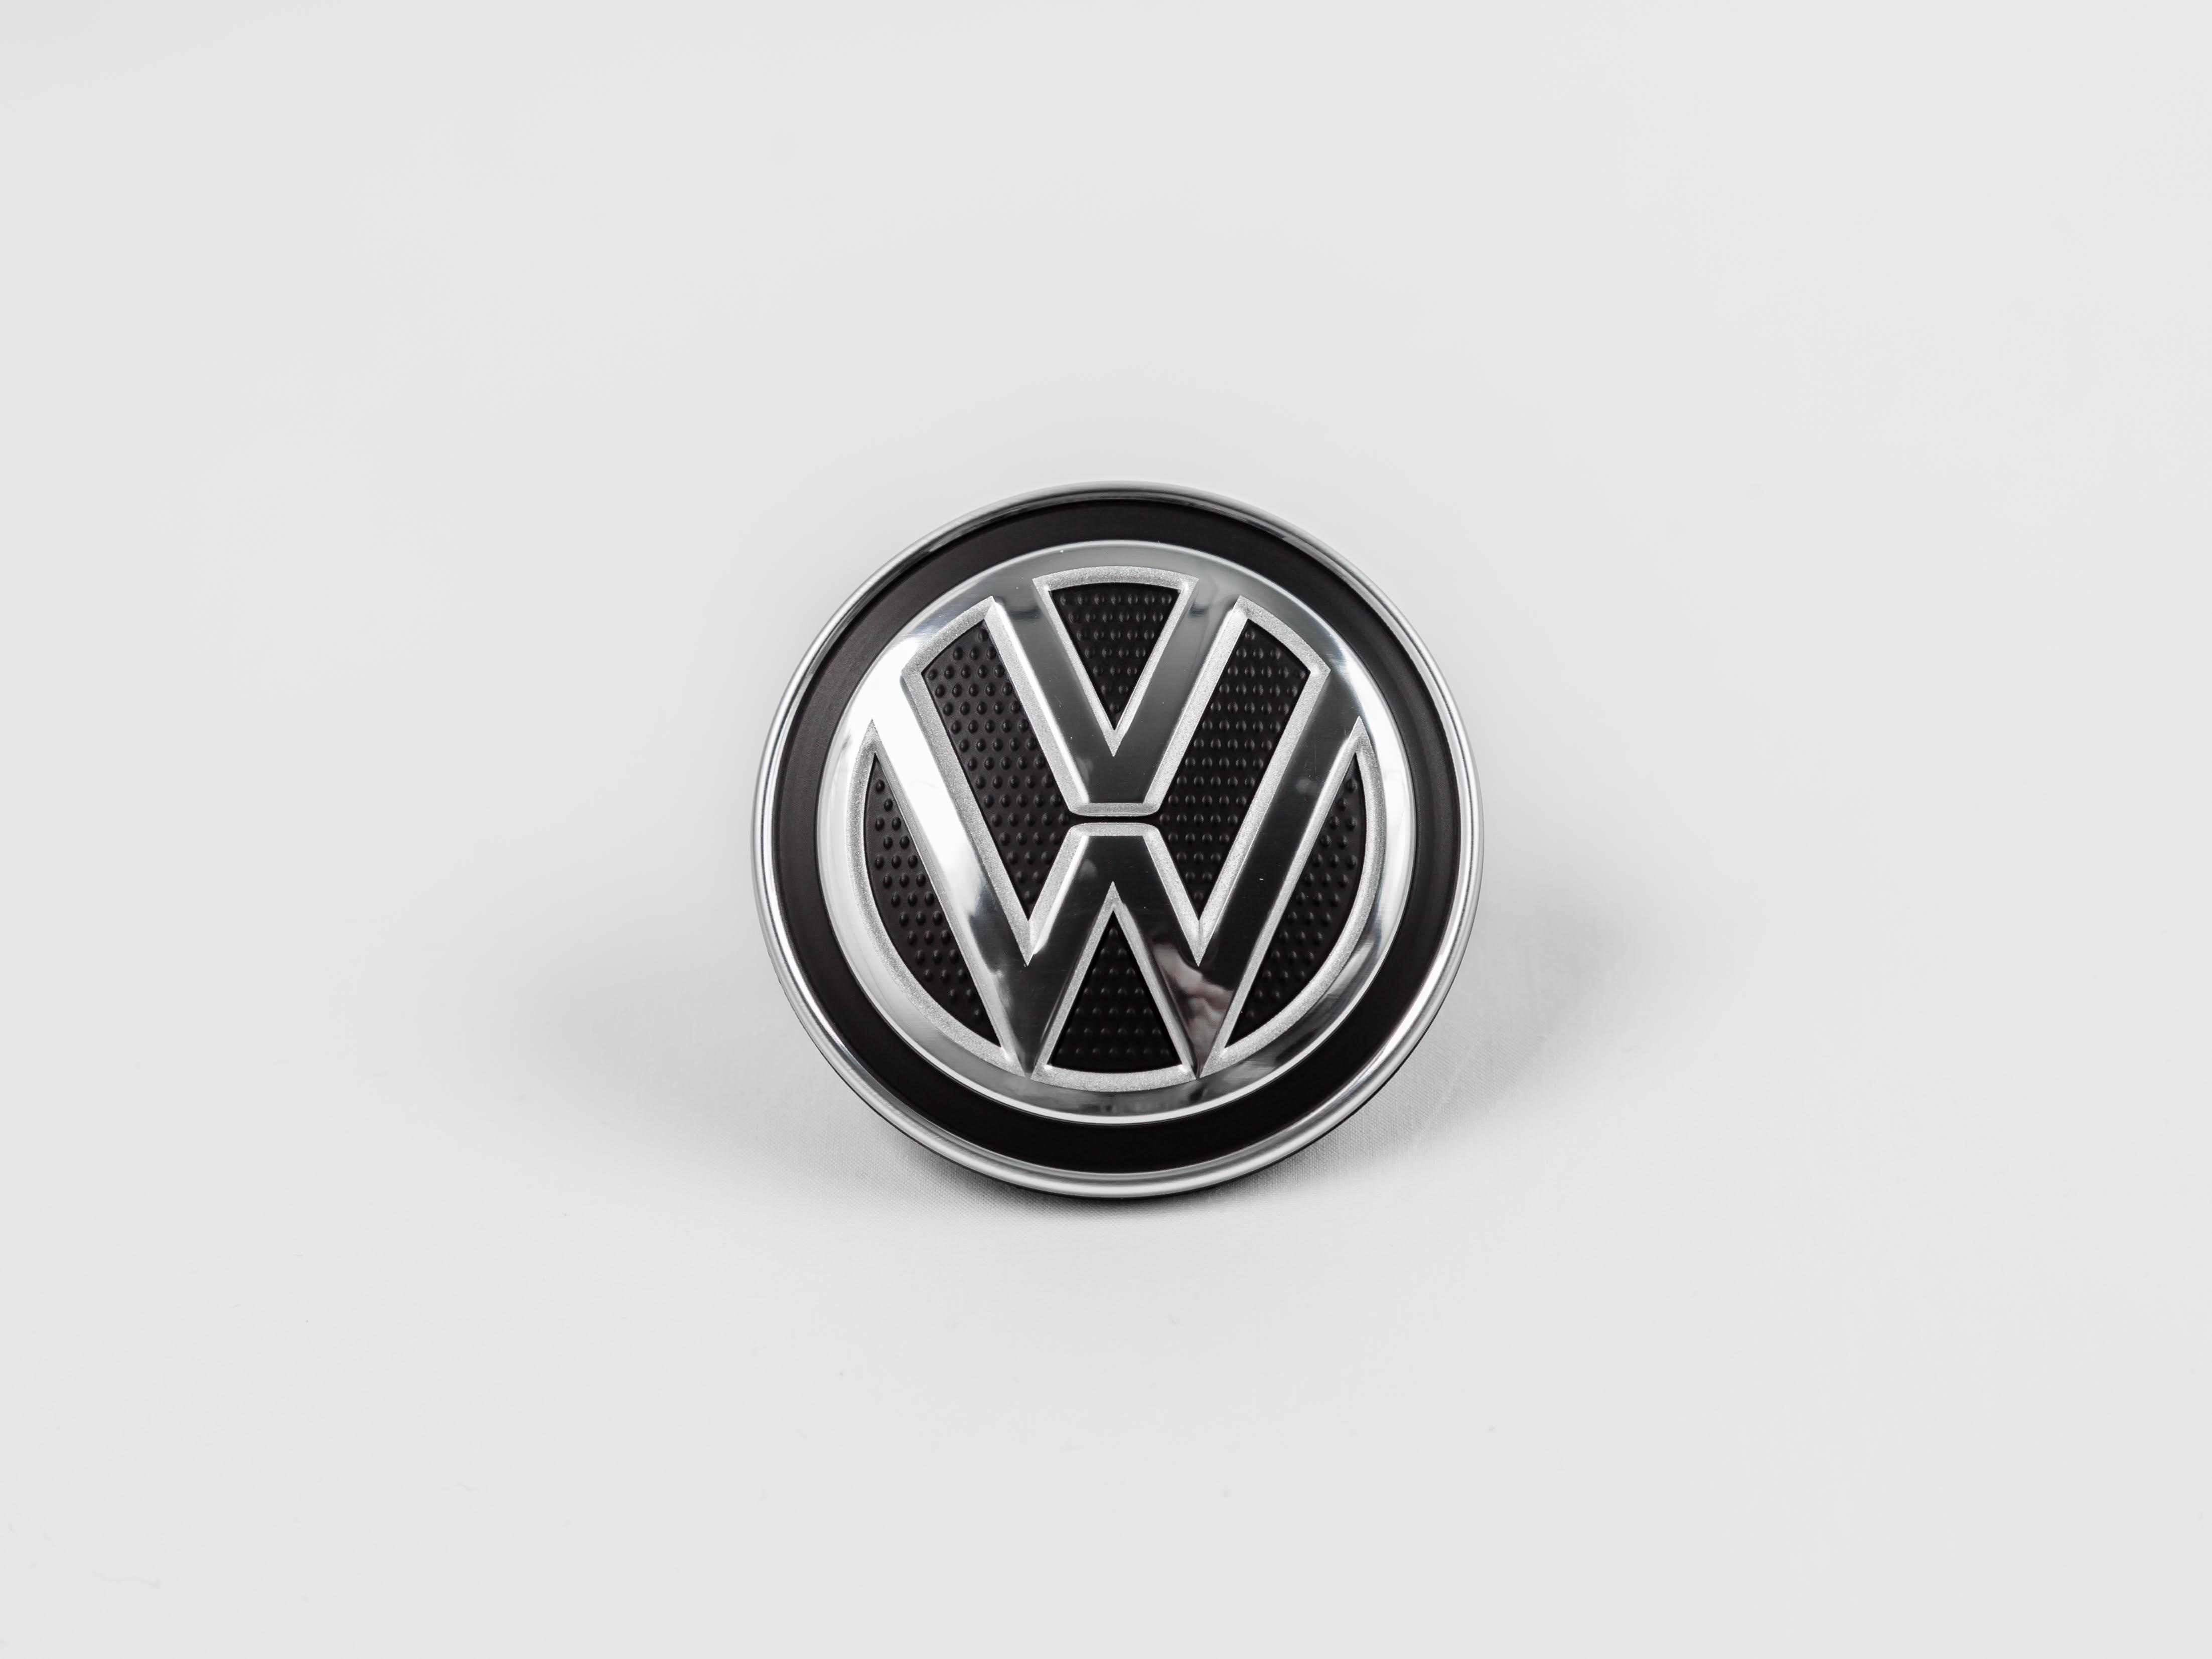 volkswagen golf  wheel center cap carbon fiber   silver alloy wheel center cap